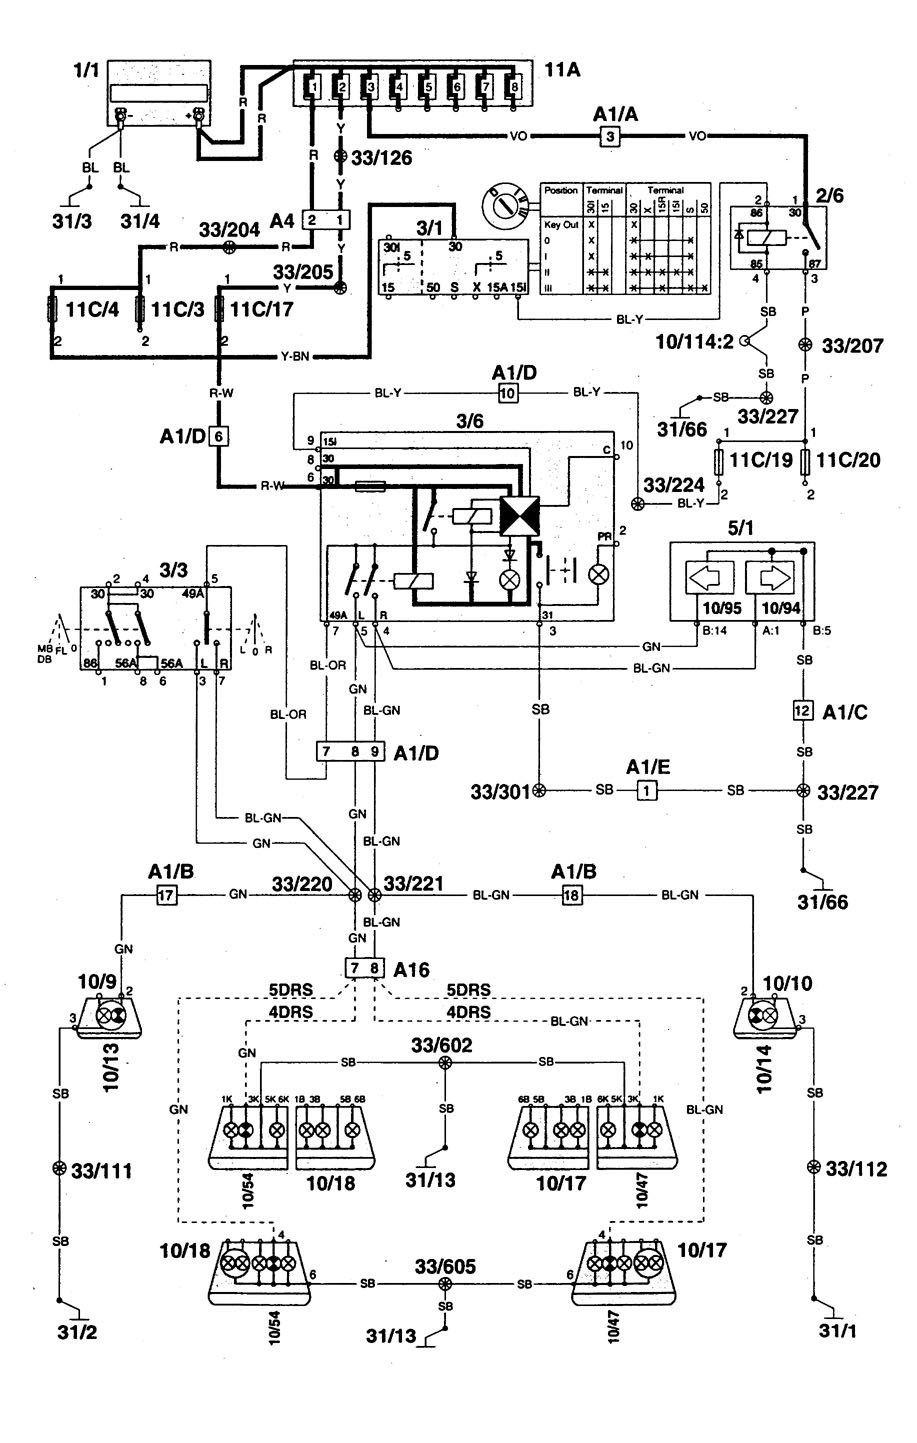 volvo 960 wiring diagram pdf 1997 volvo 960 wiring diagram volvo 960 (1997) - wiring diagrams - hazard lamp ...